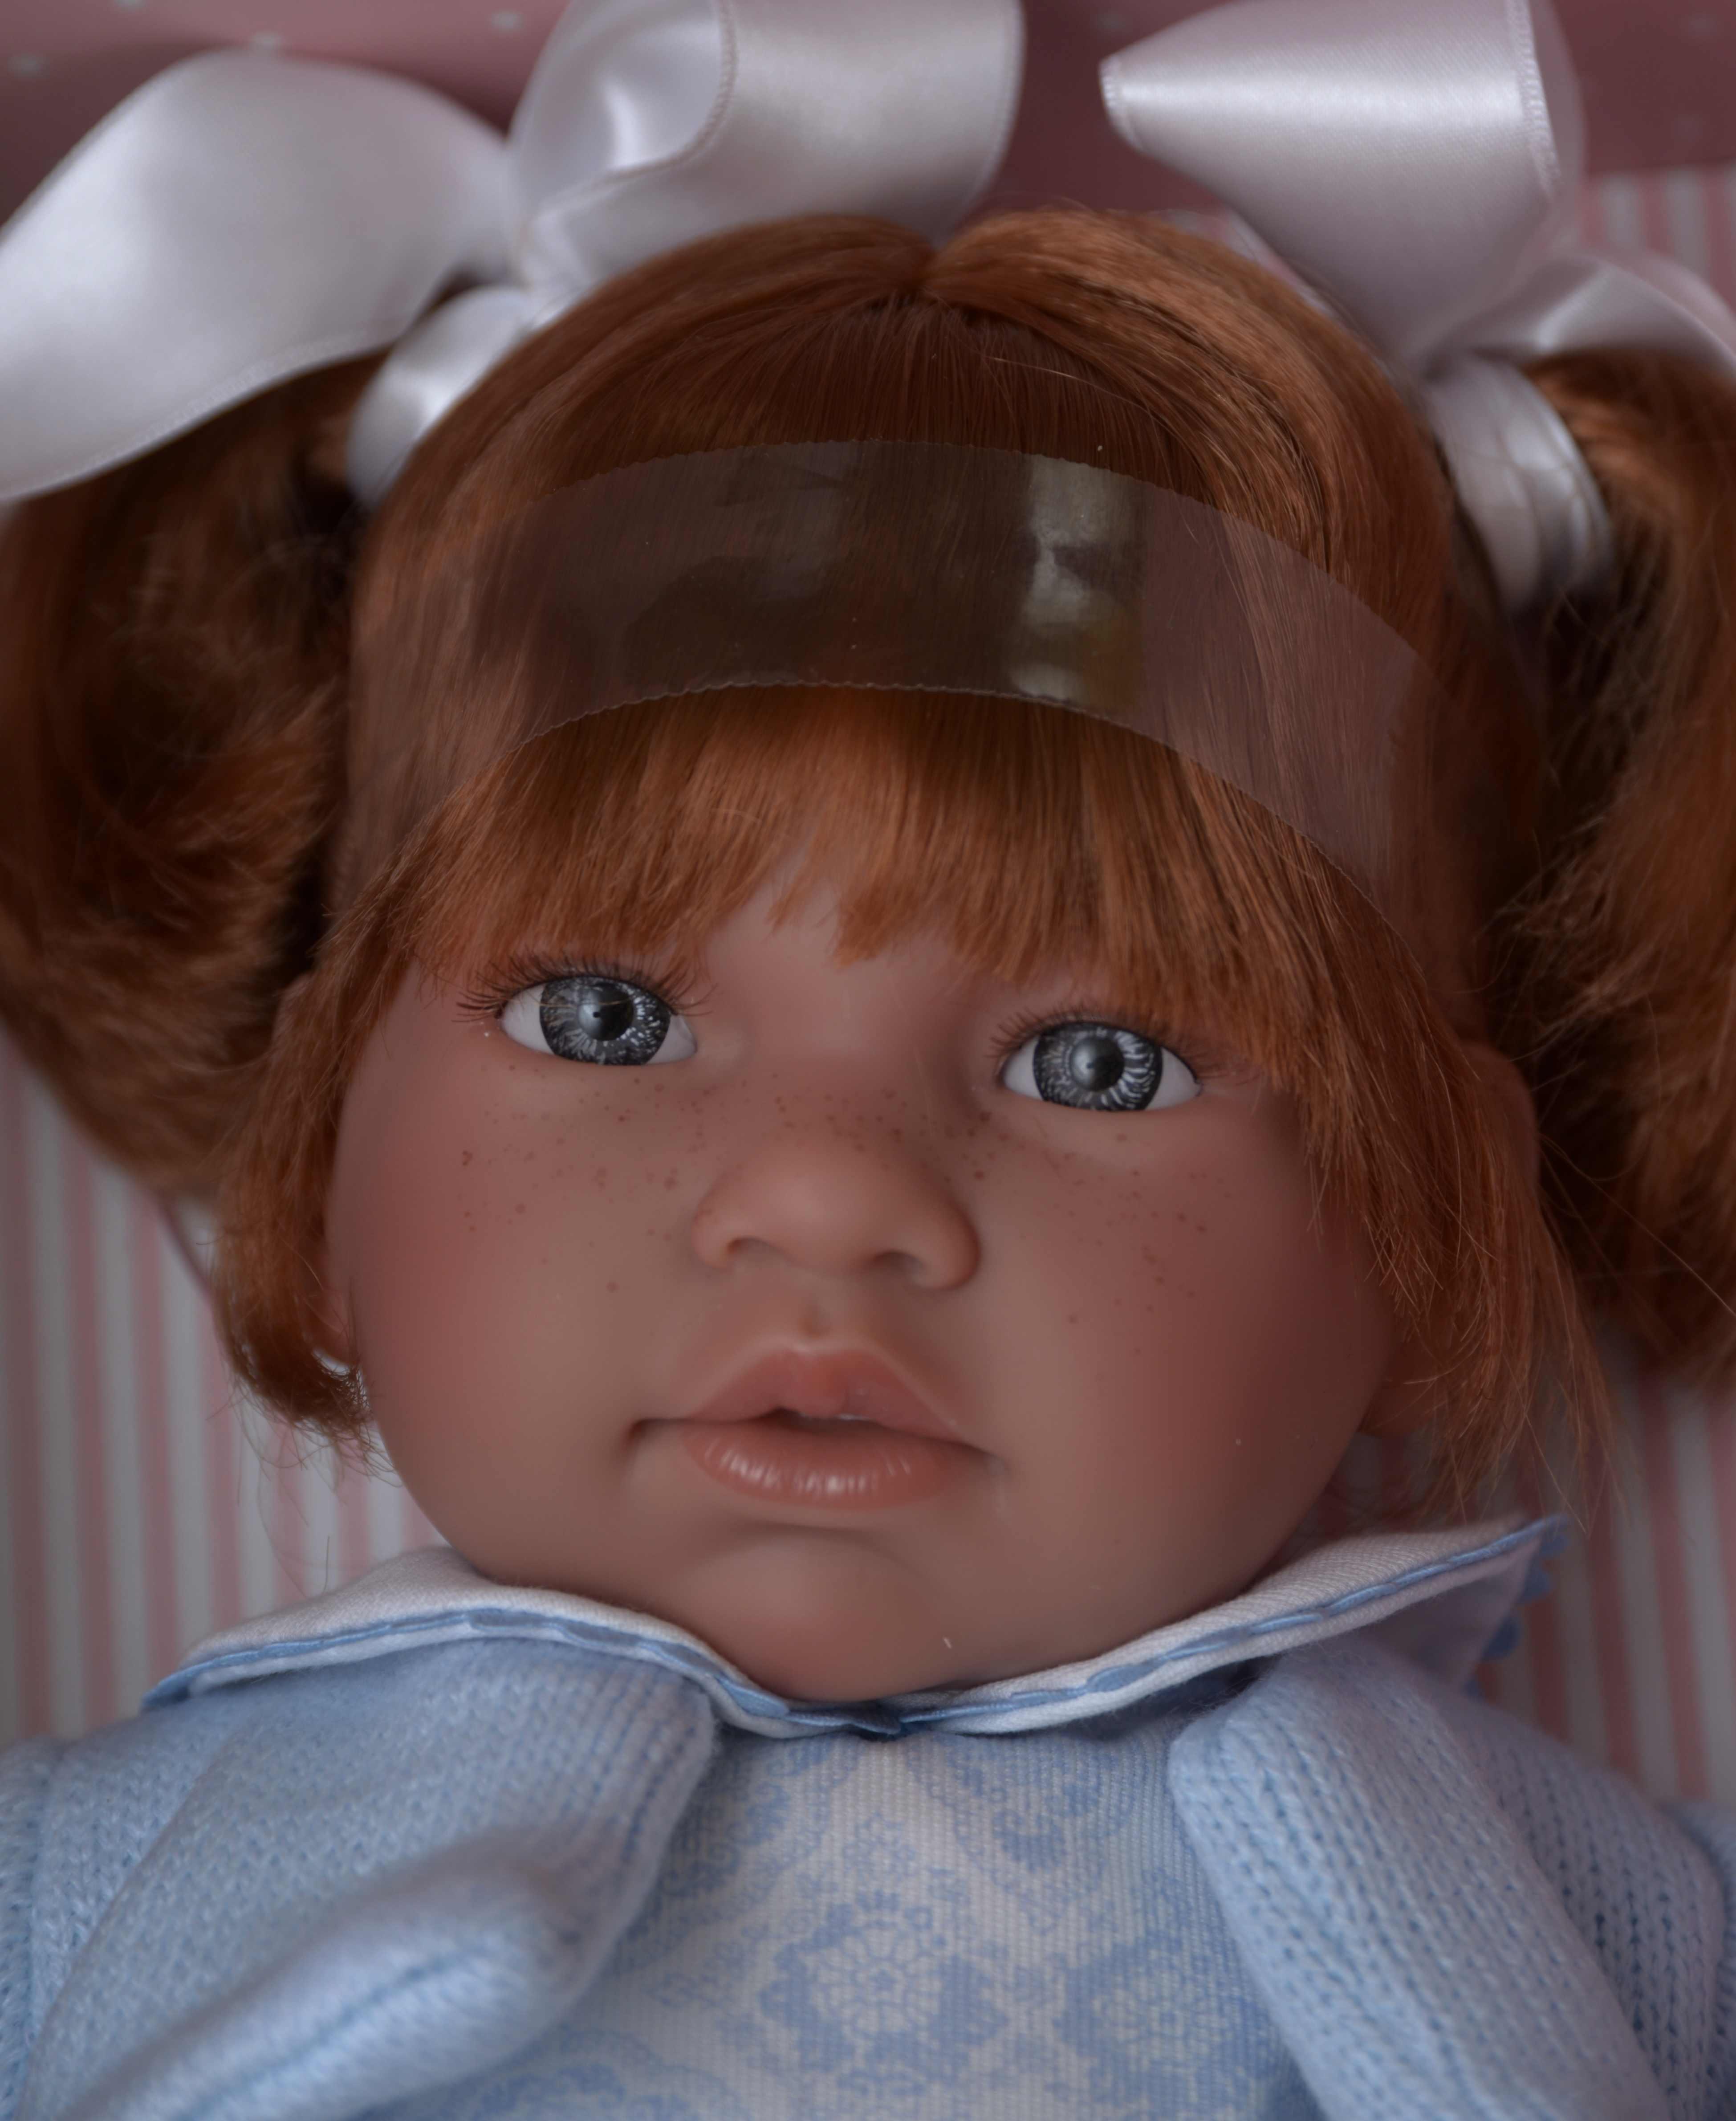 Realistická panenka NOOR - zrzavé vlasy od firmy ASIVIL ze Španělska